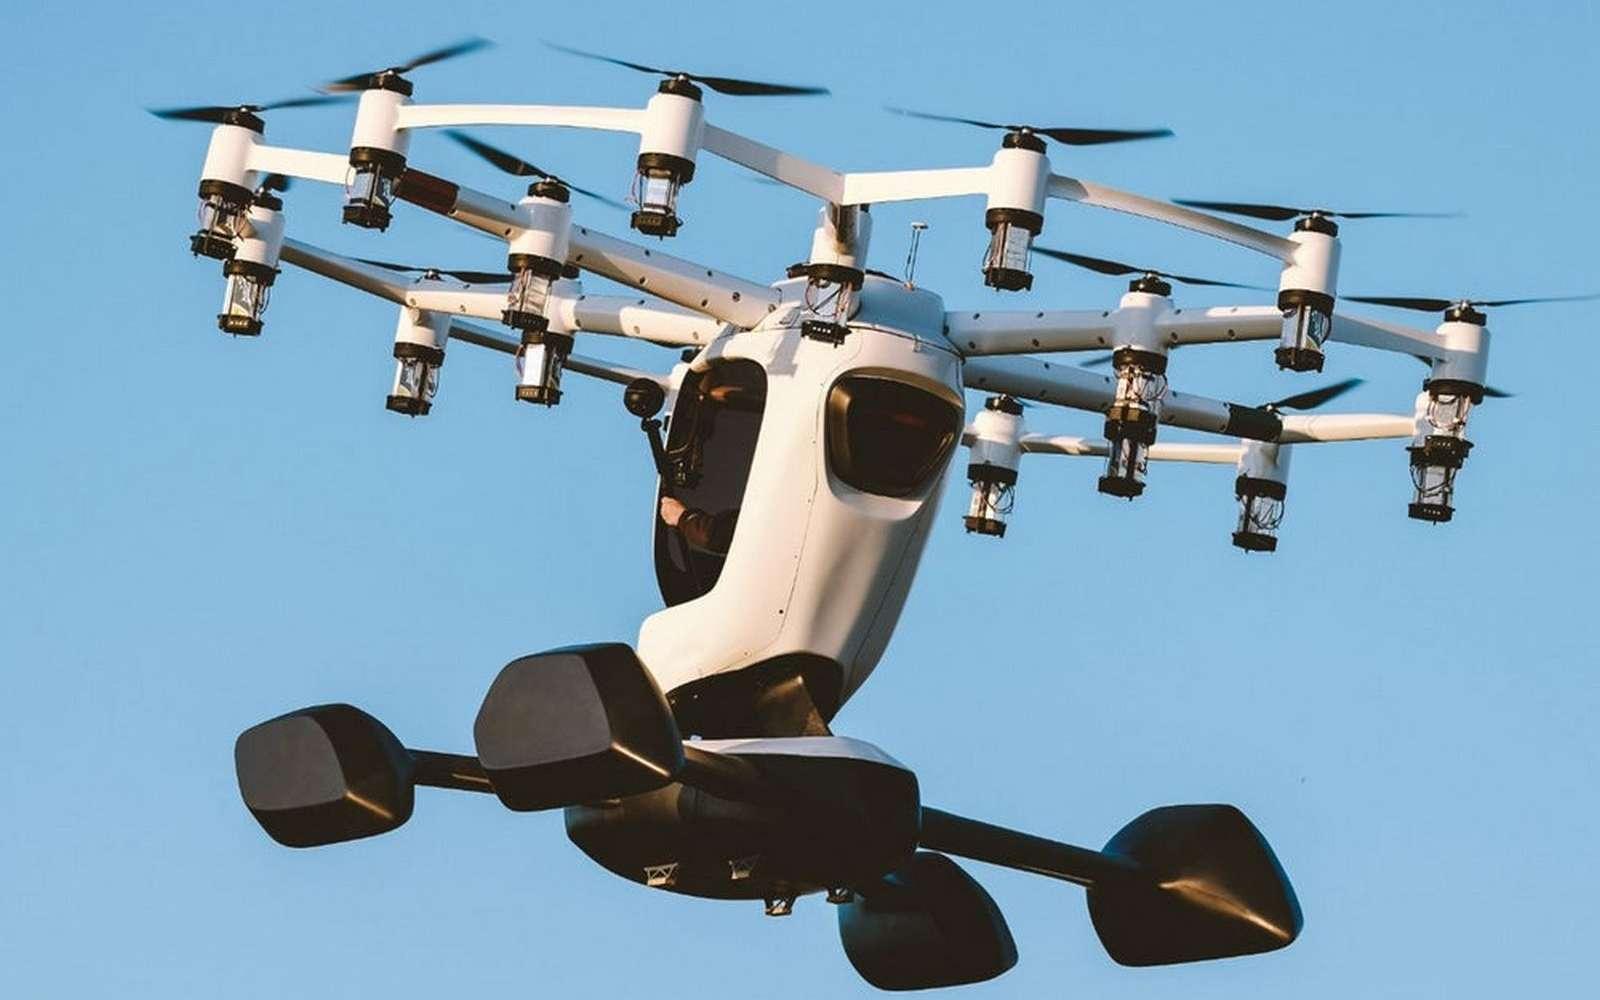 L'aéronef Hexa de Lift Aircraft. © Lift Aircraft